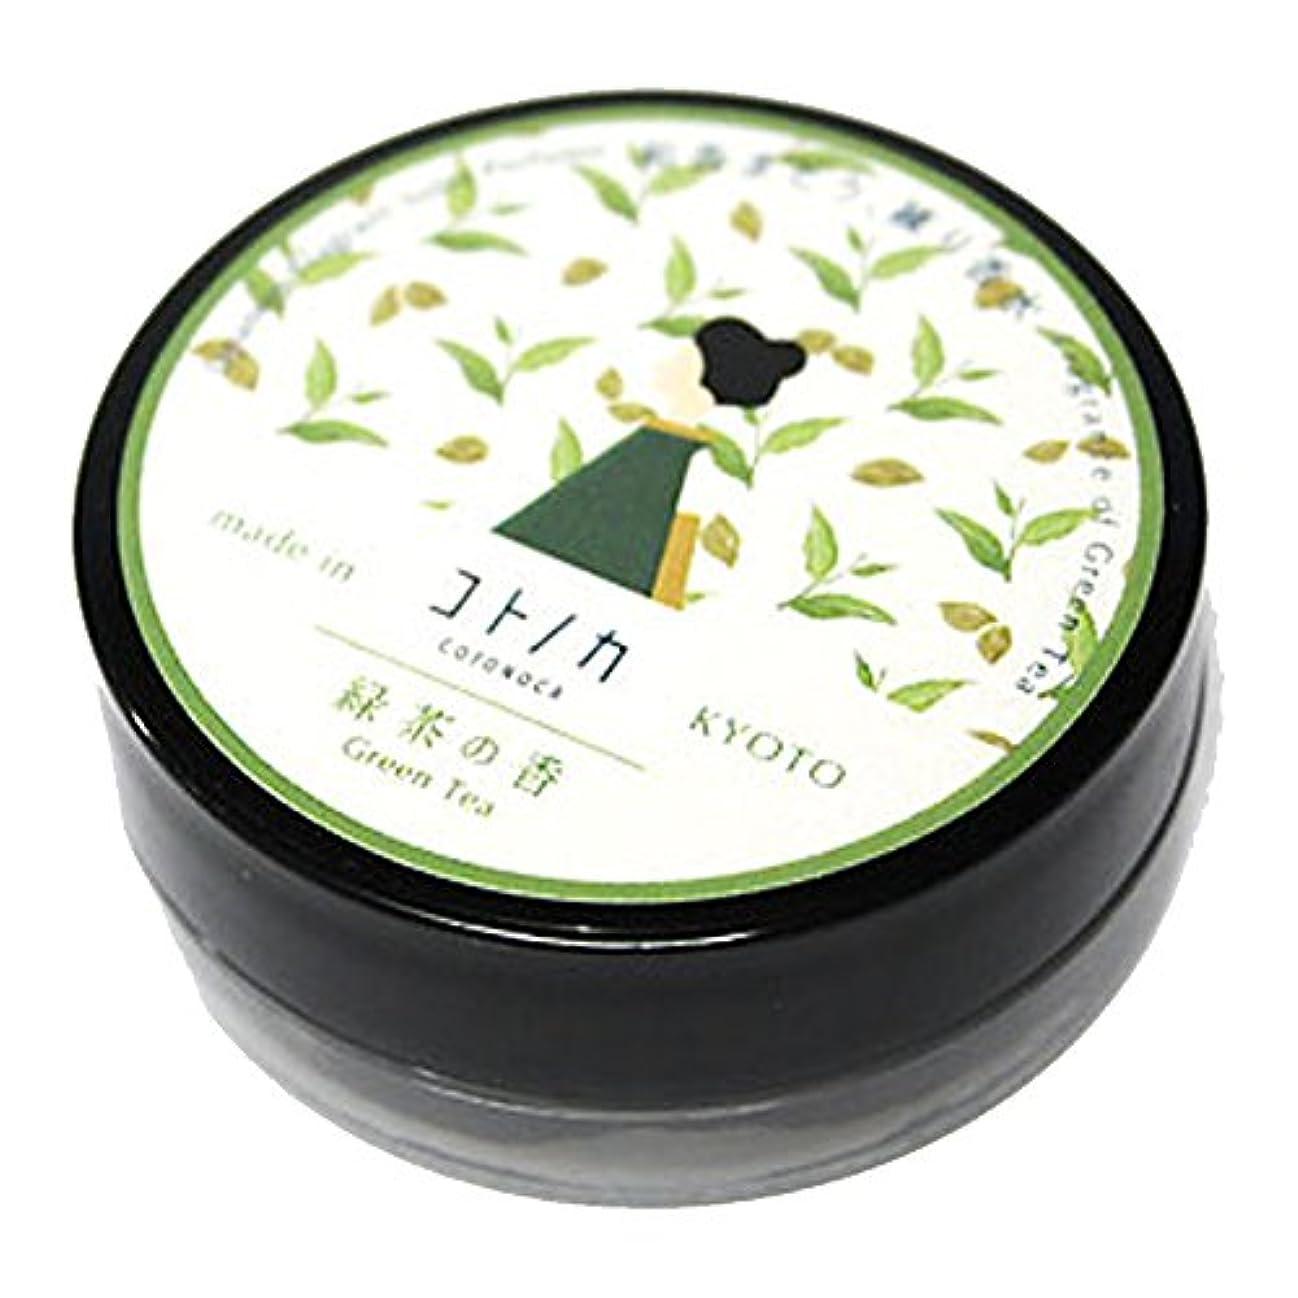 トラブル通行料金染料コトノカ 練り香水 緑茶の香り